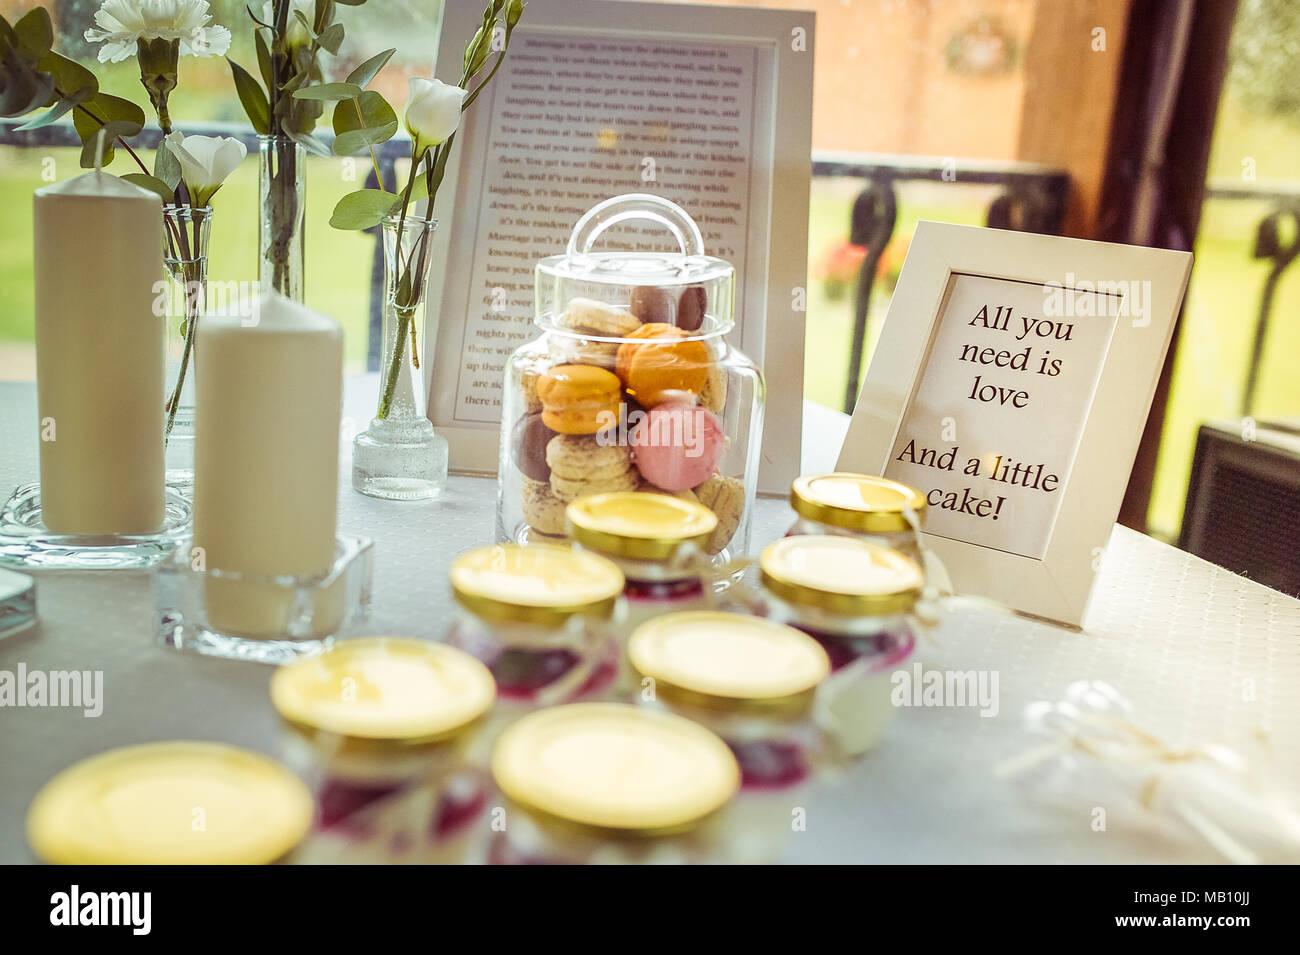 Tout ce qu'il vous faut, c'est l'amour et un petit gâteau Banque D'Images